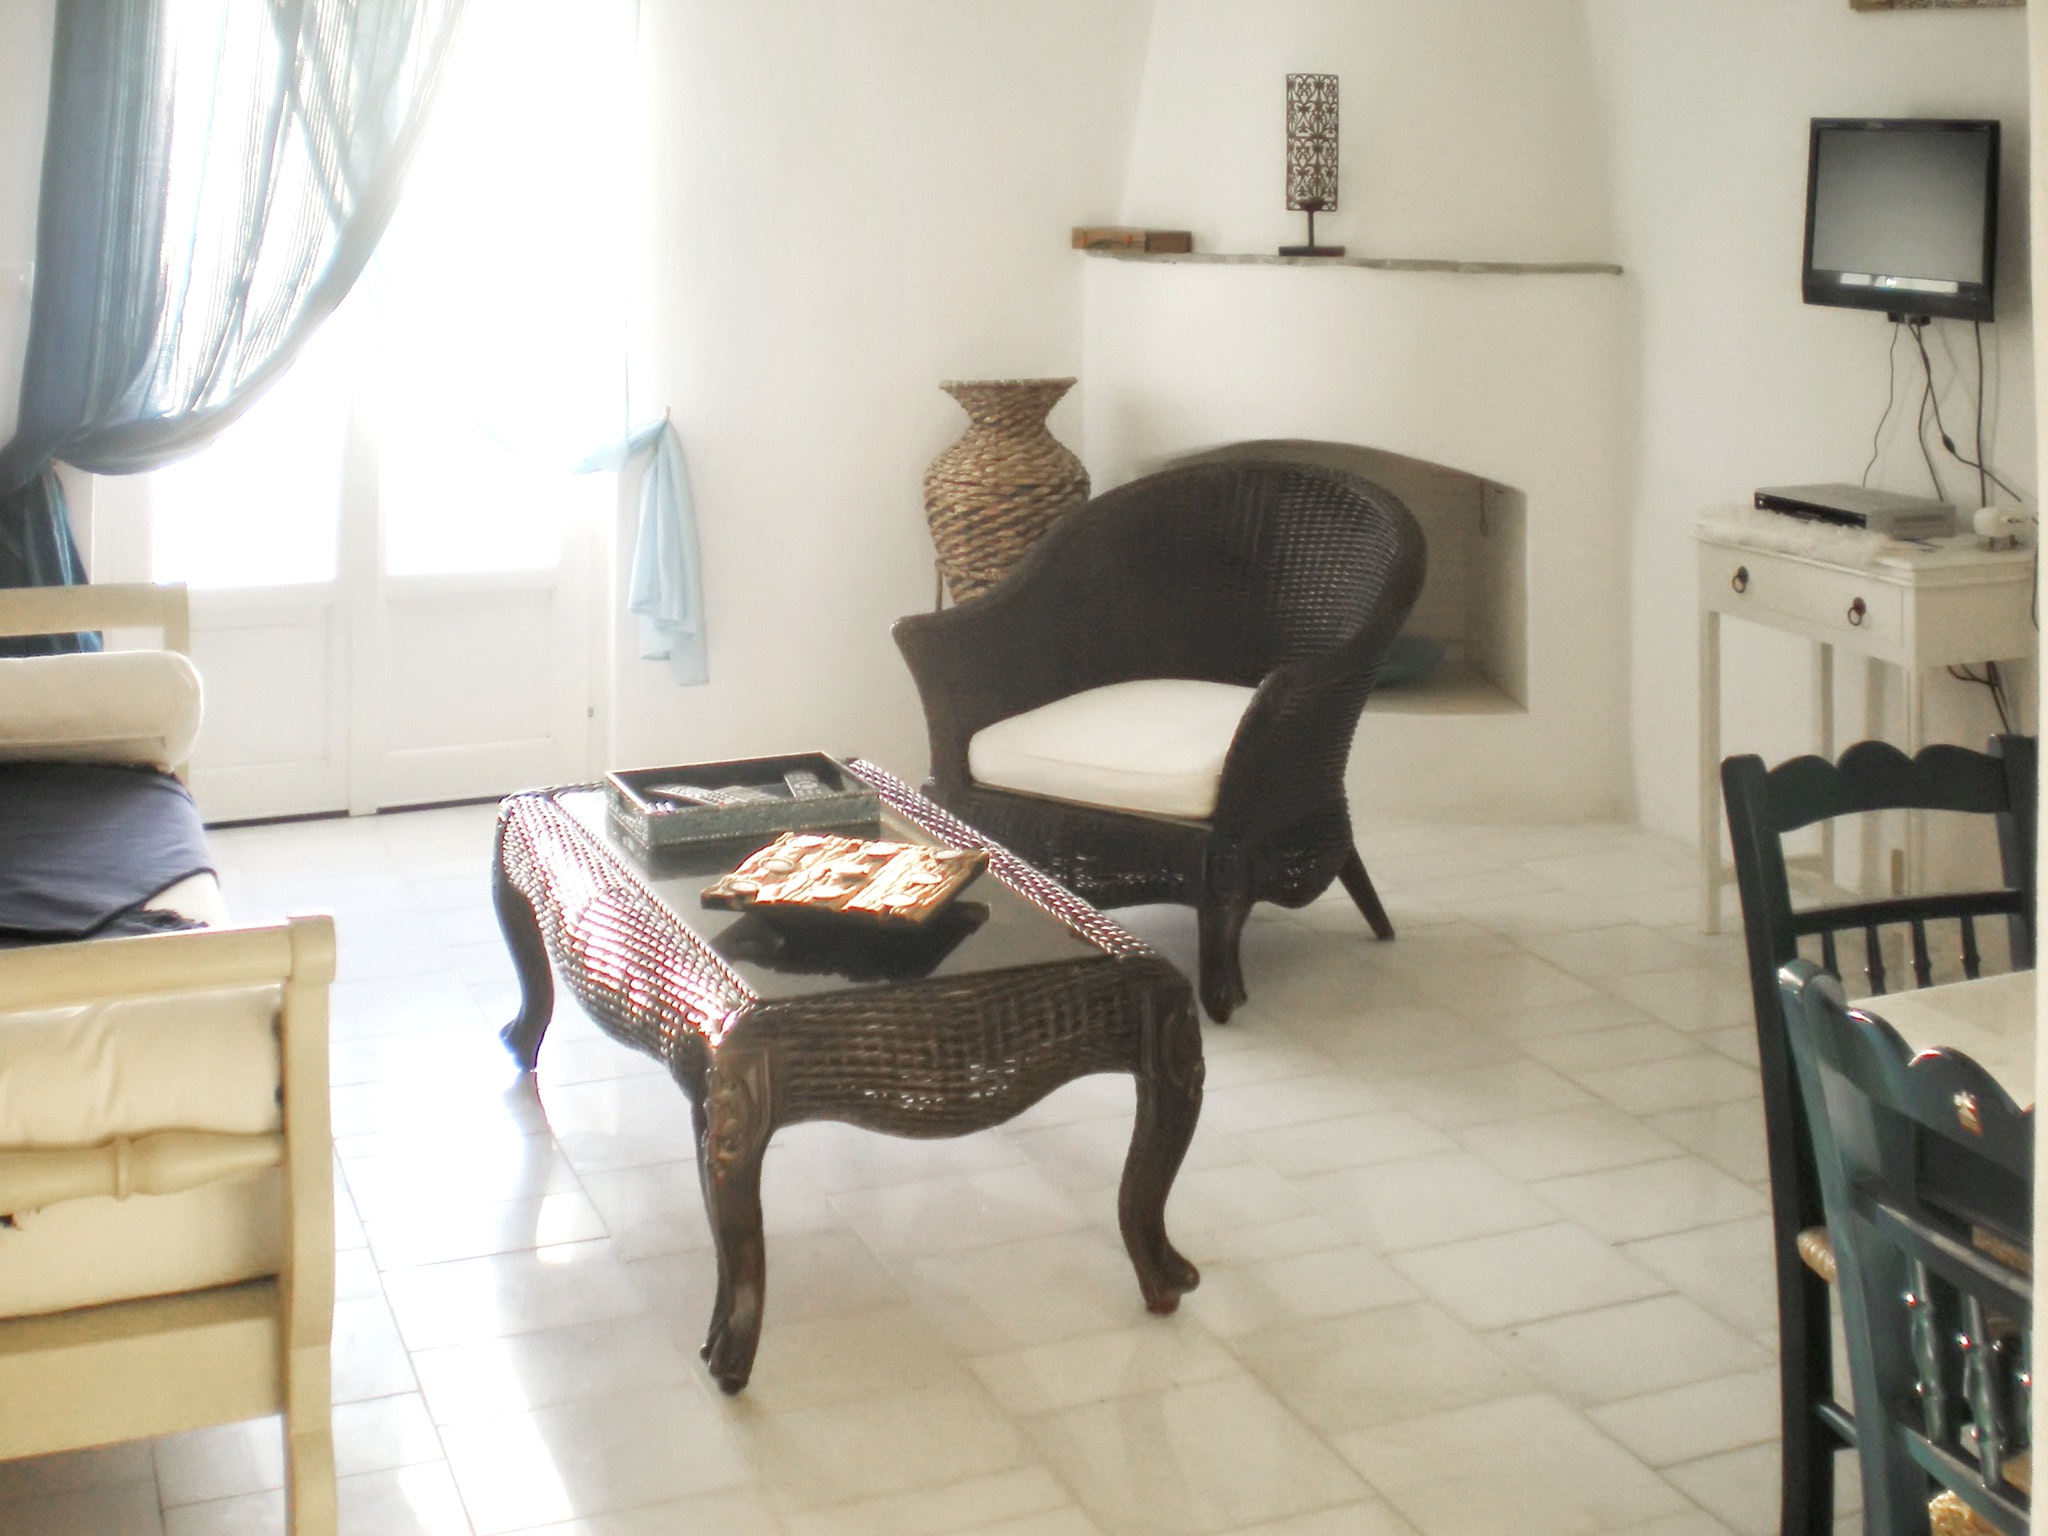 Ferienhaus Villa im Kykladen-Stil auf Paros (Griechenland), mit 2 Schlafzimmern, Gemeinschaftspool &  (2201782), Paros, Paros, Kykladen, Griechenland, Bild 7